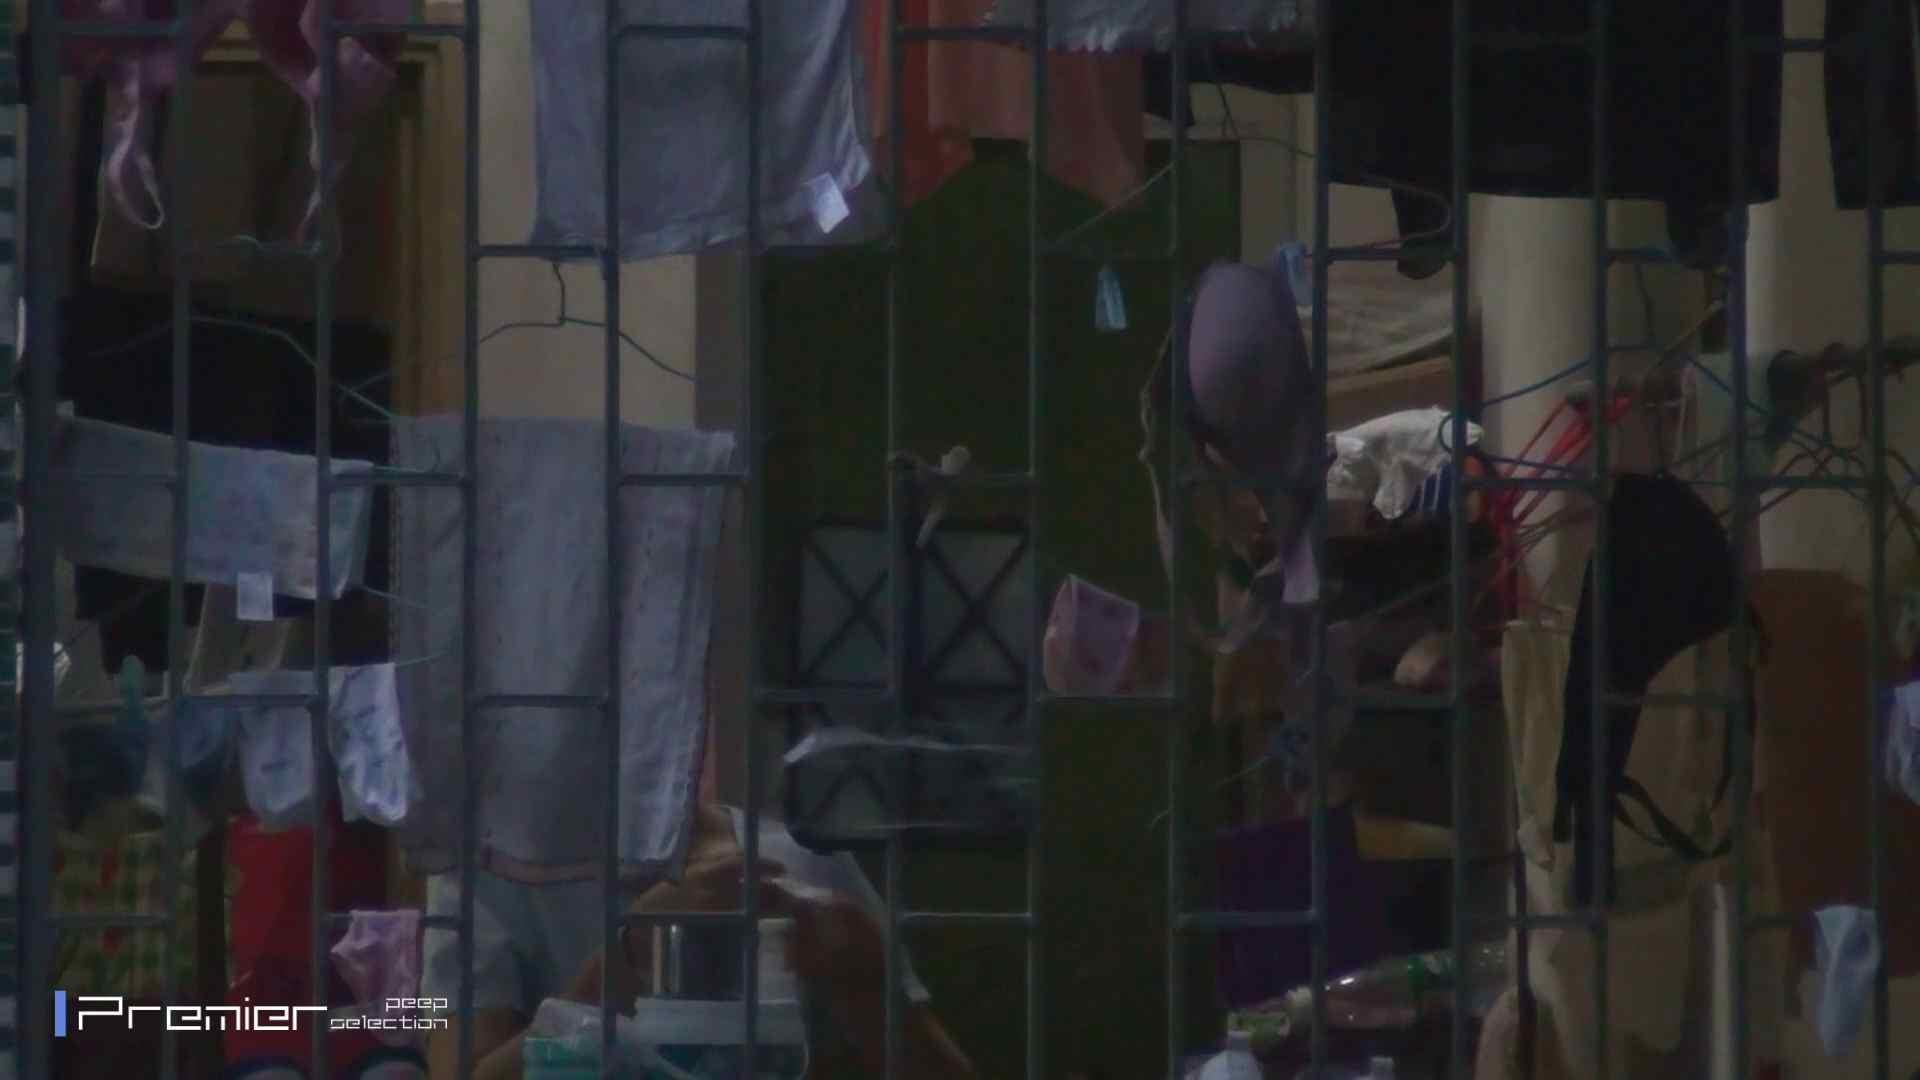 激撮り美女の洗顔シーン Vol.05 美女の痴態に密着! いやらしいOL オマンコ無修正動画無料 77連発 56